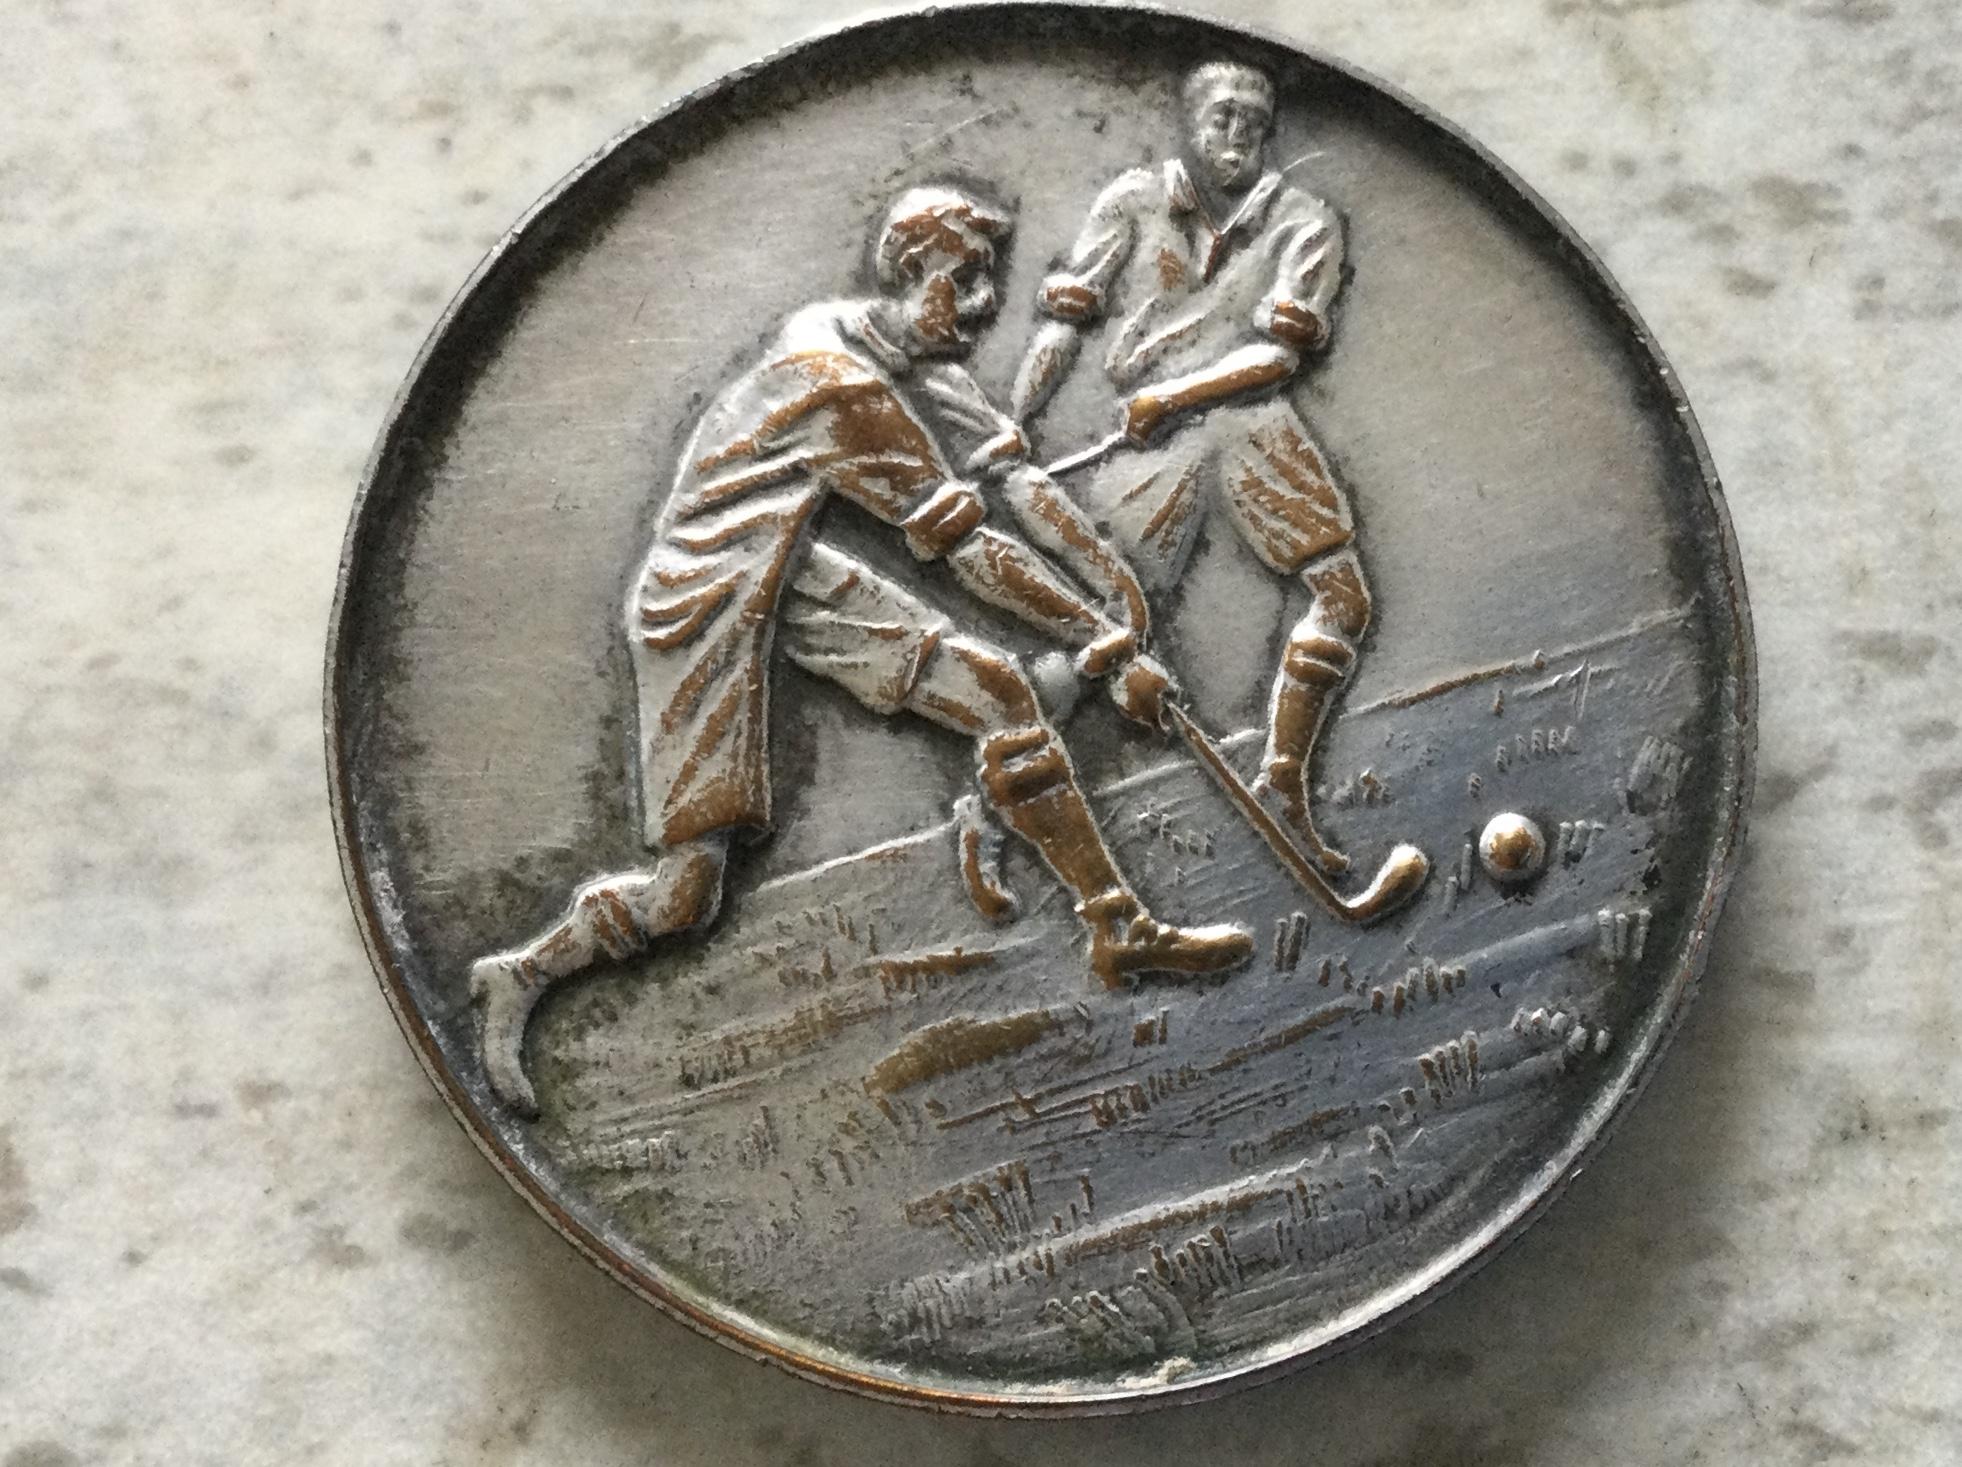 Martin Hyde's Hockey Medal